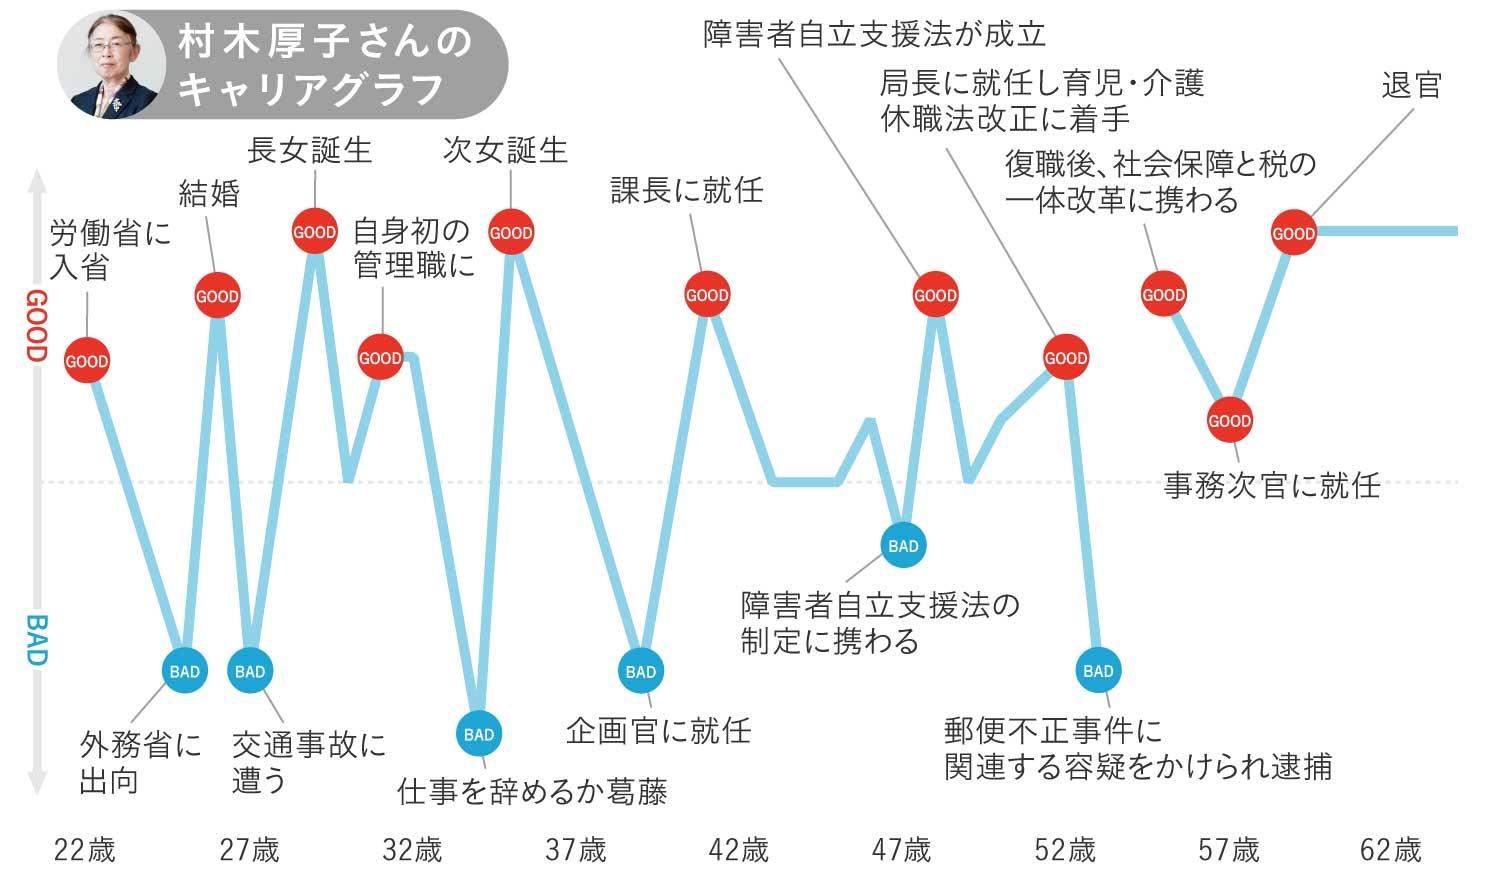 村木厚子さんのキャリアグラフ1